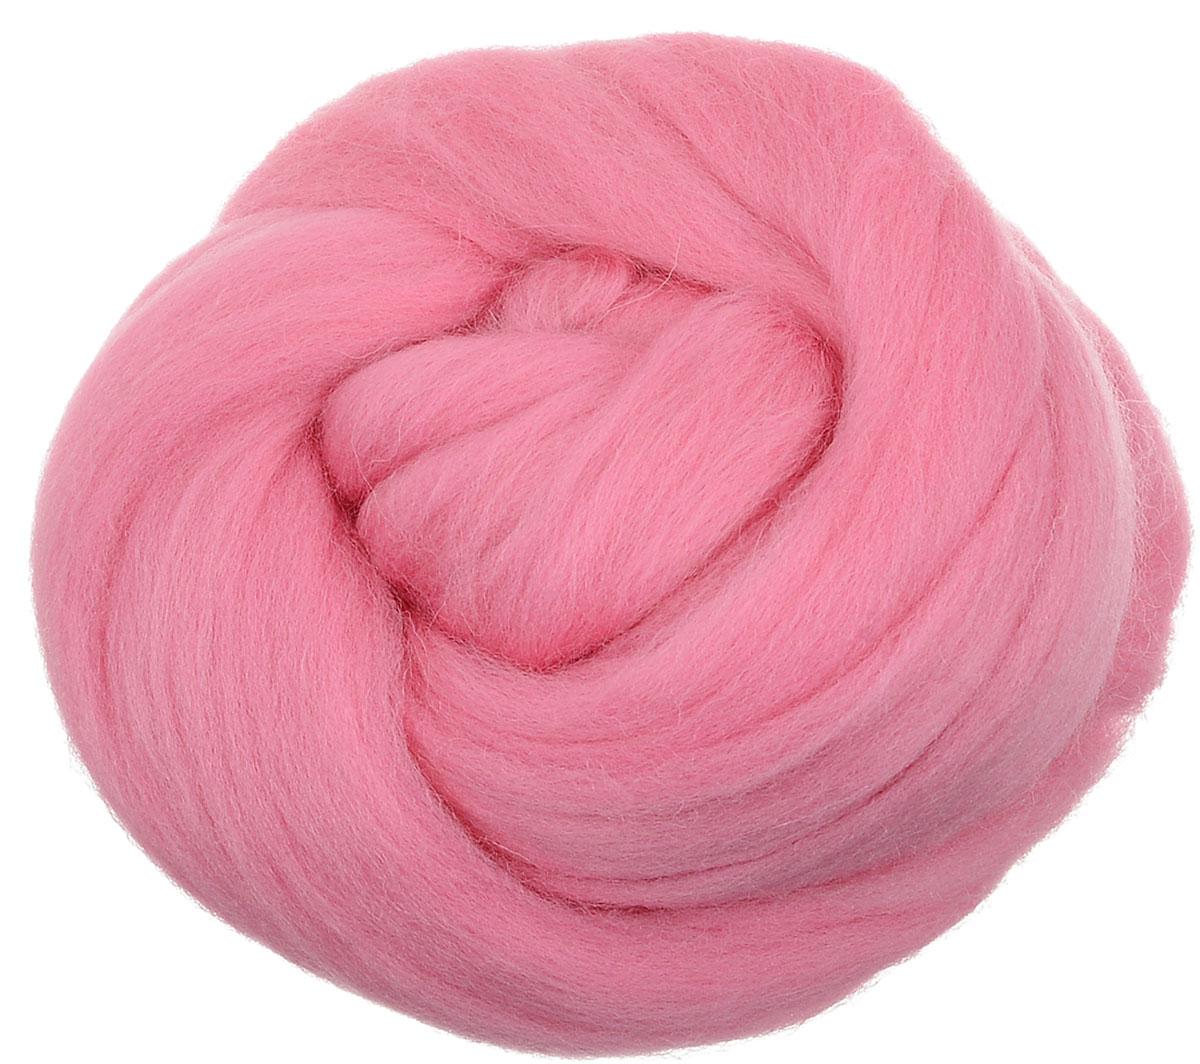 Шерсть для валяния Gamma, полутонкая, цвет: розовый (0160), 50 г шерсть для валяния астра тонкая цвет розовый 0160 100 г